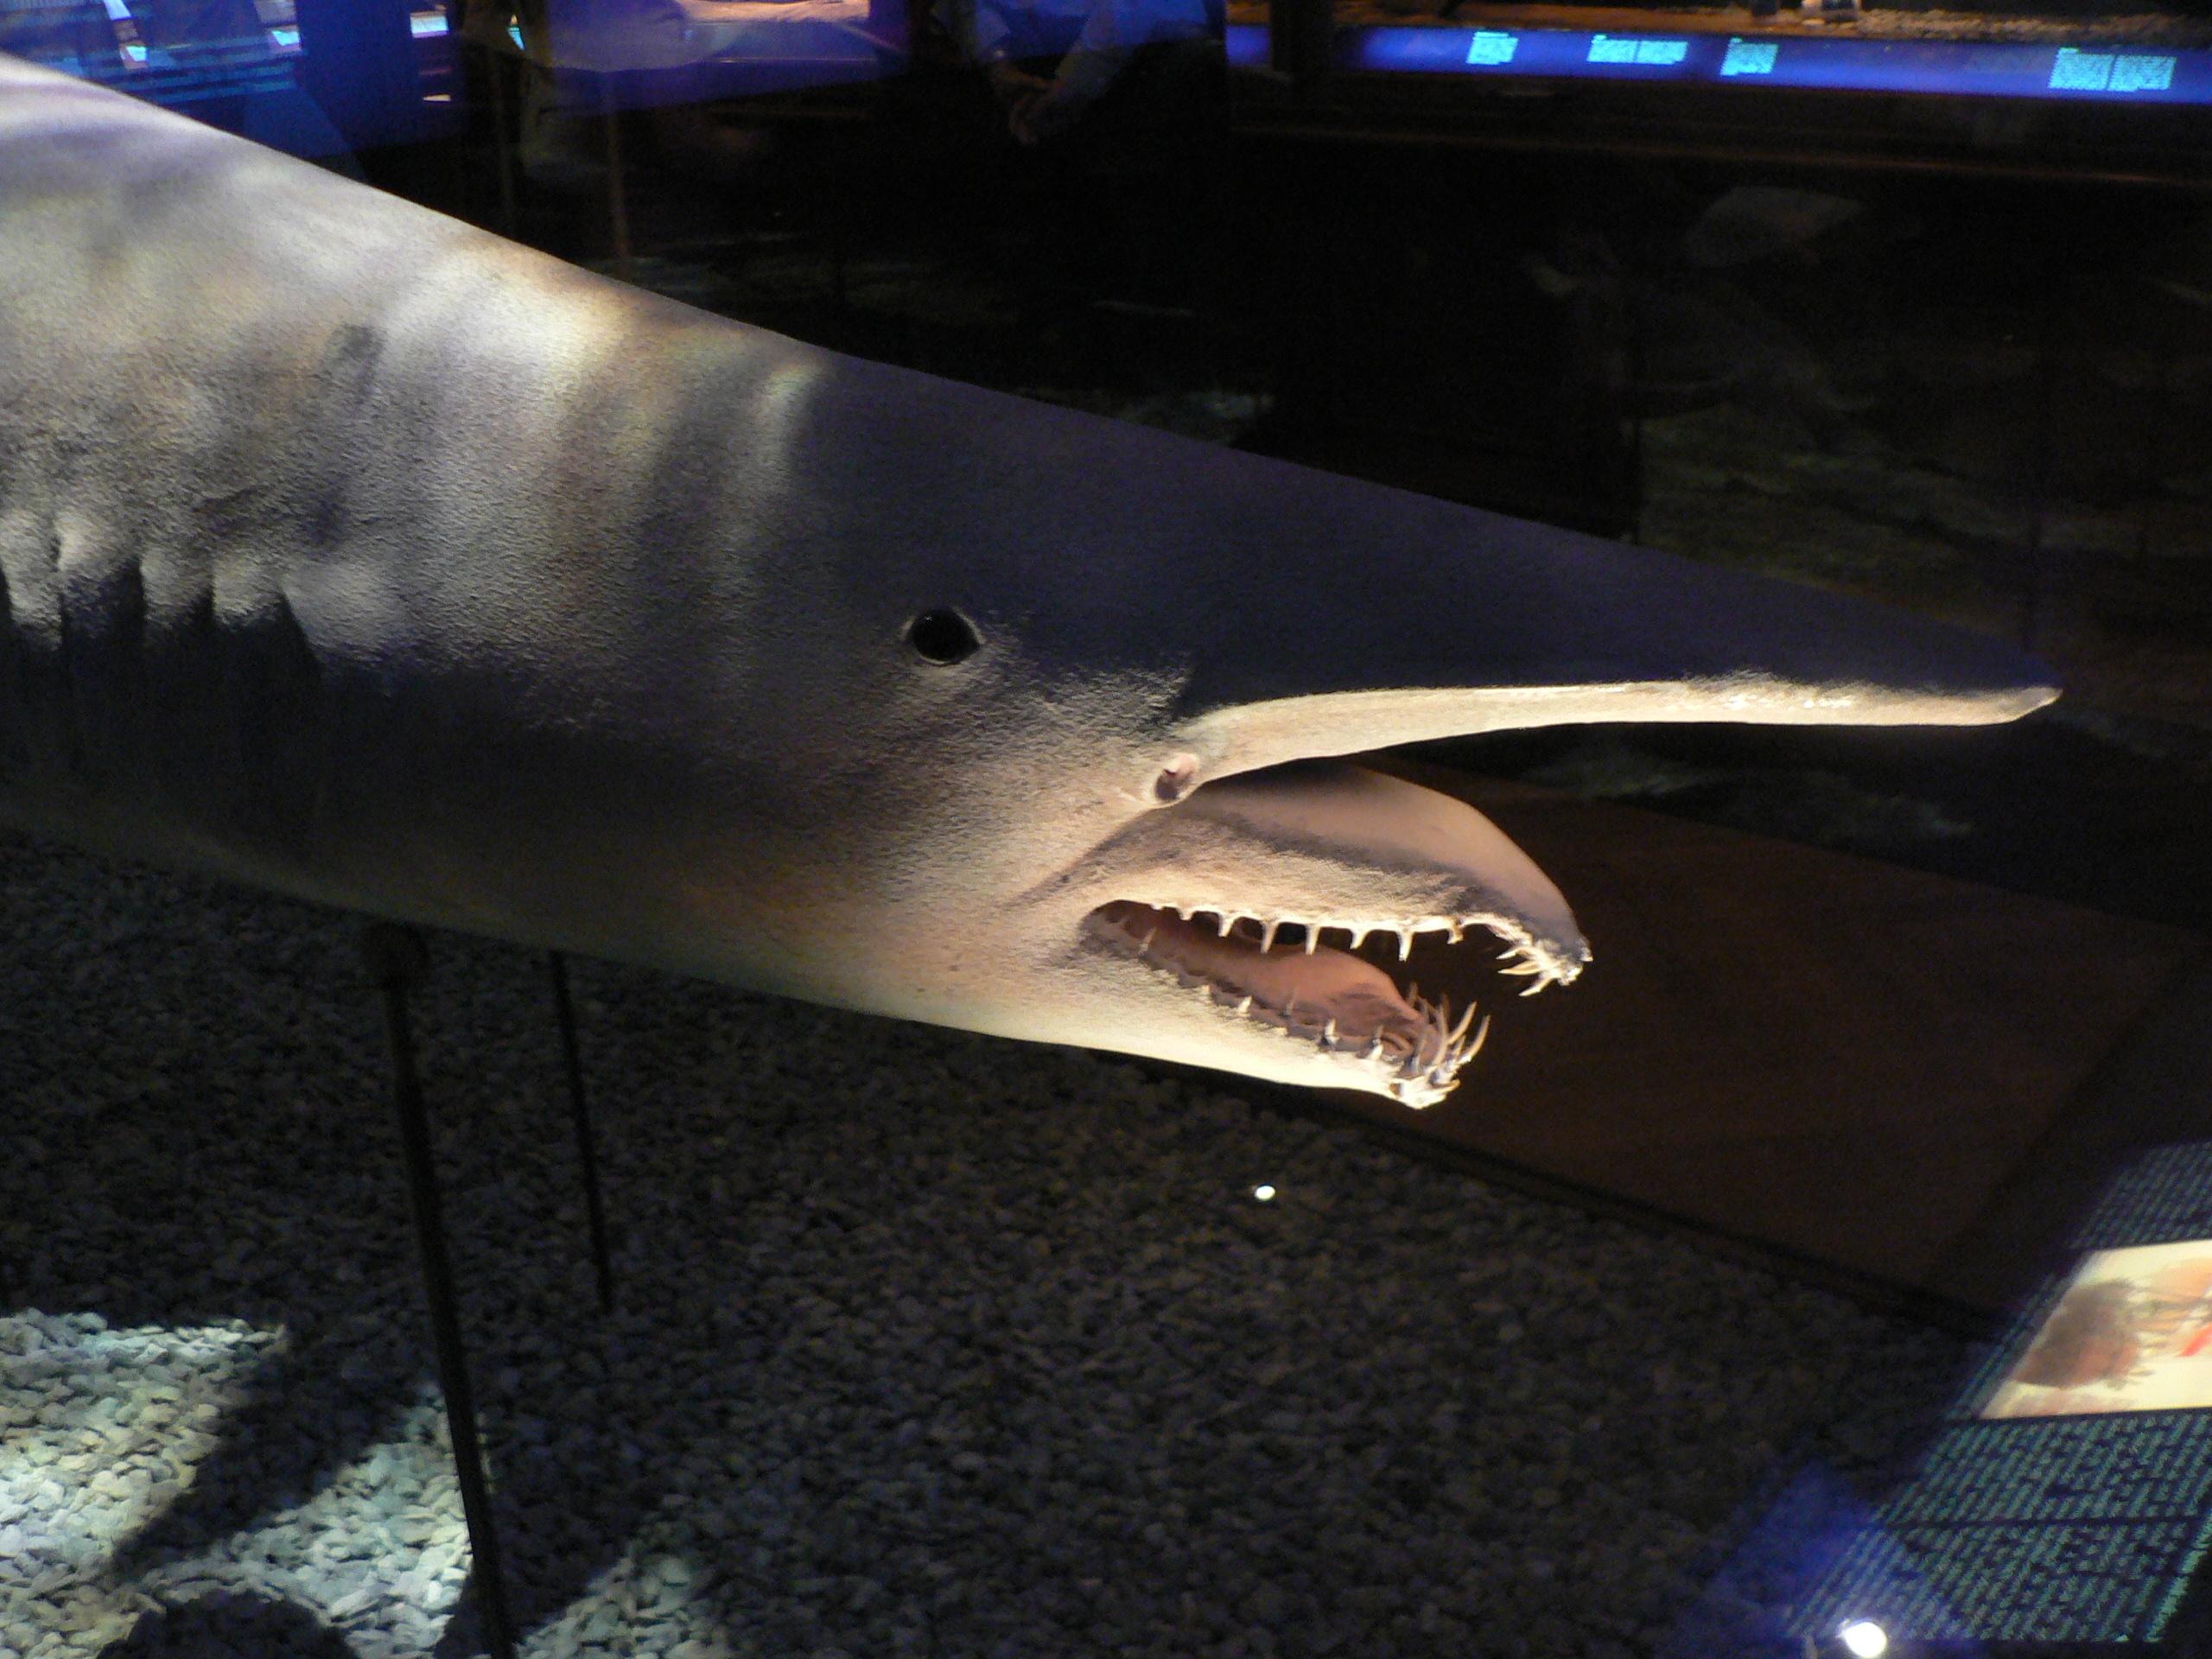 File:Goblin shark, Pengo.jpg - Wikimedia Commons